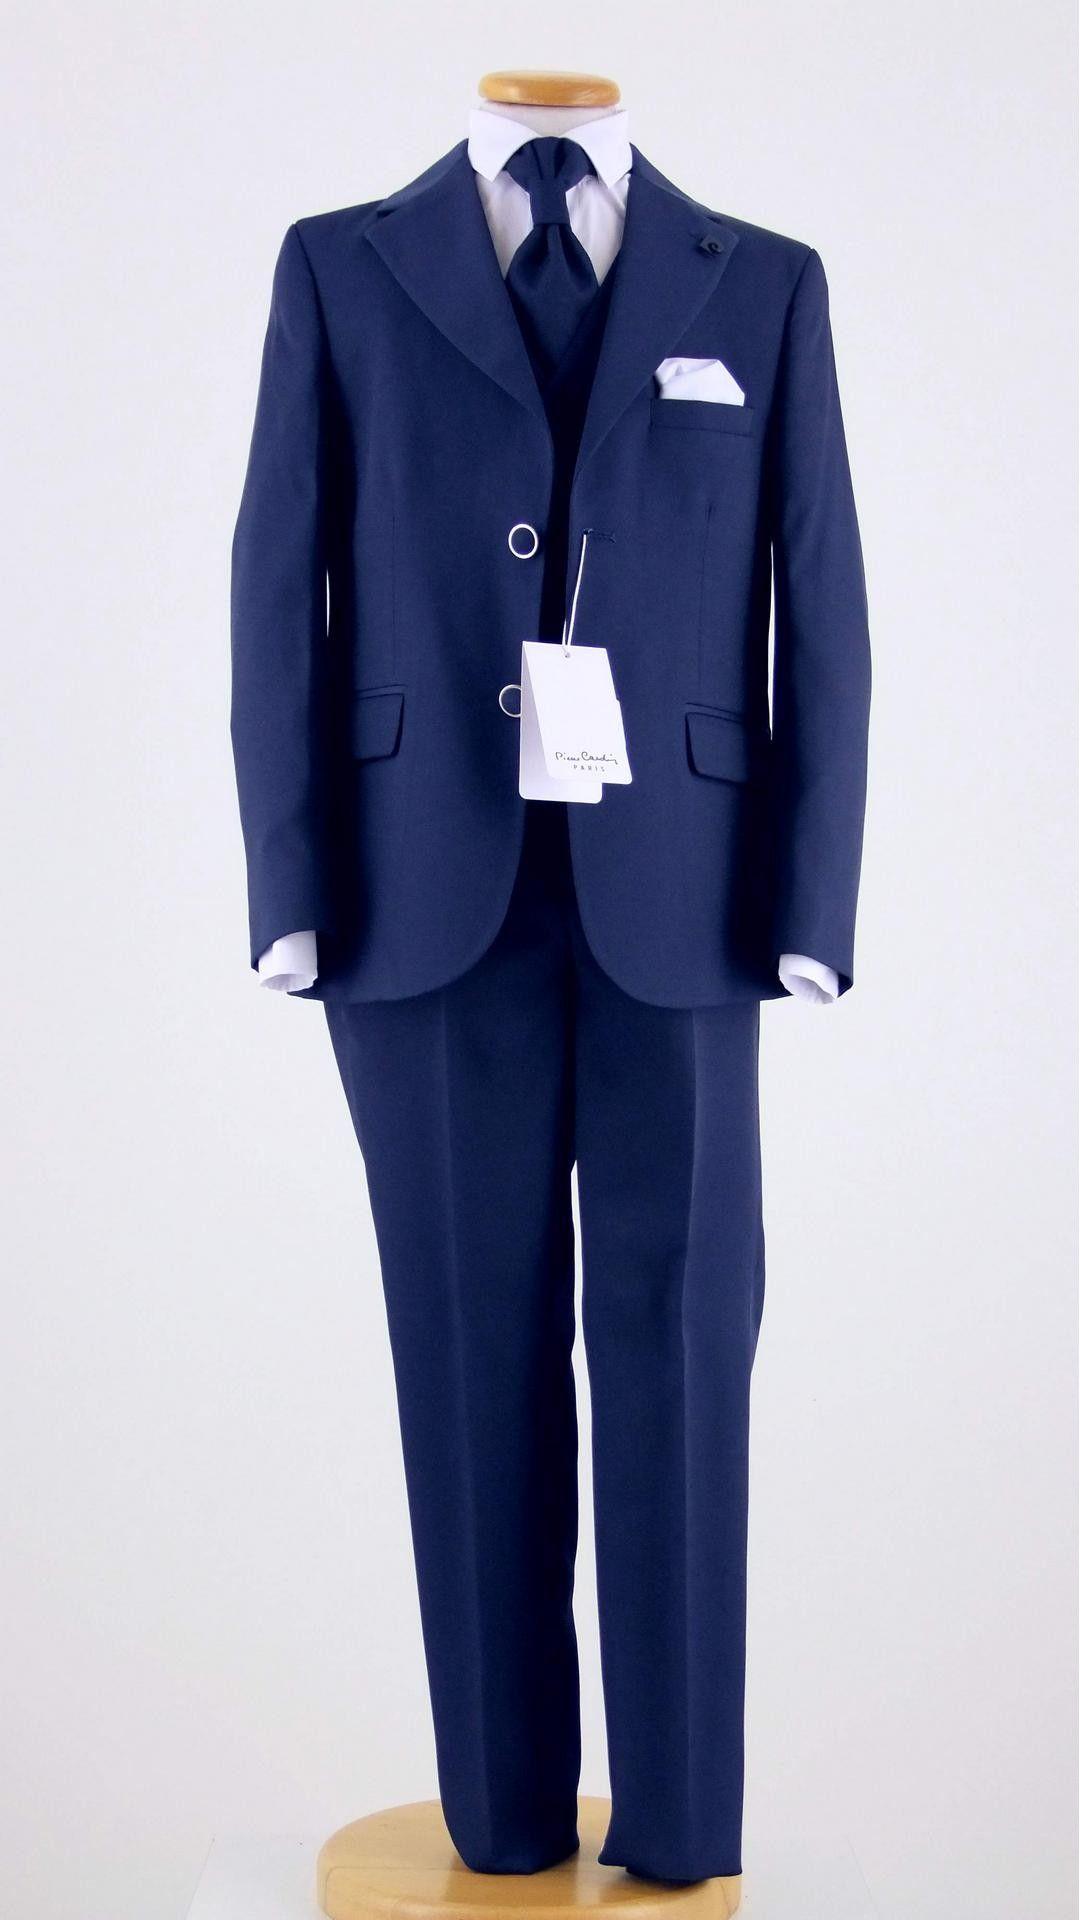 Abito Cerimonia Bambino Pierre Cardin - Abbigliamento Bambini Bolle di  Sapone d31536dd57e